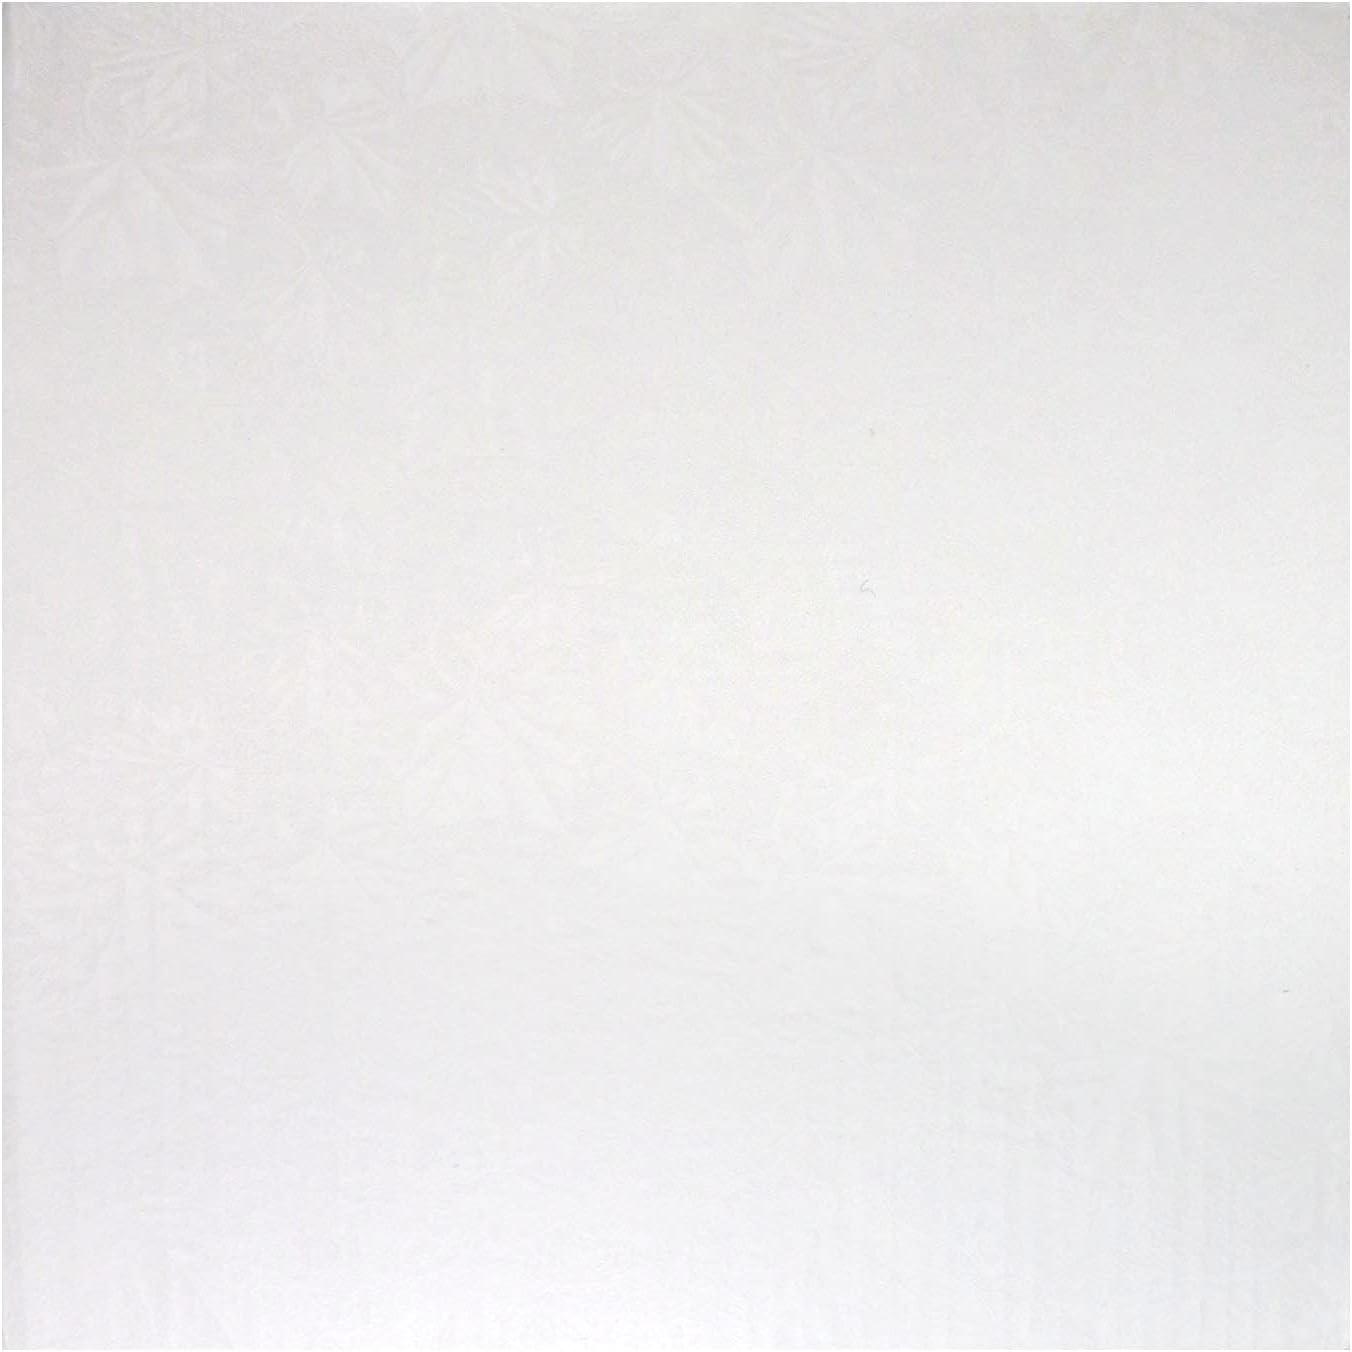 Drum New popularity Board Square White 1 2